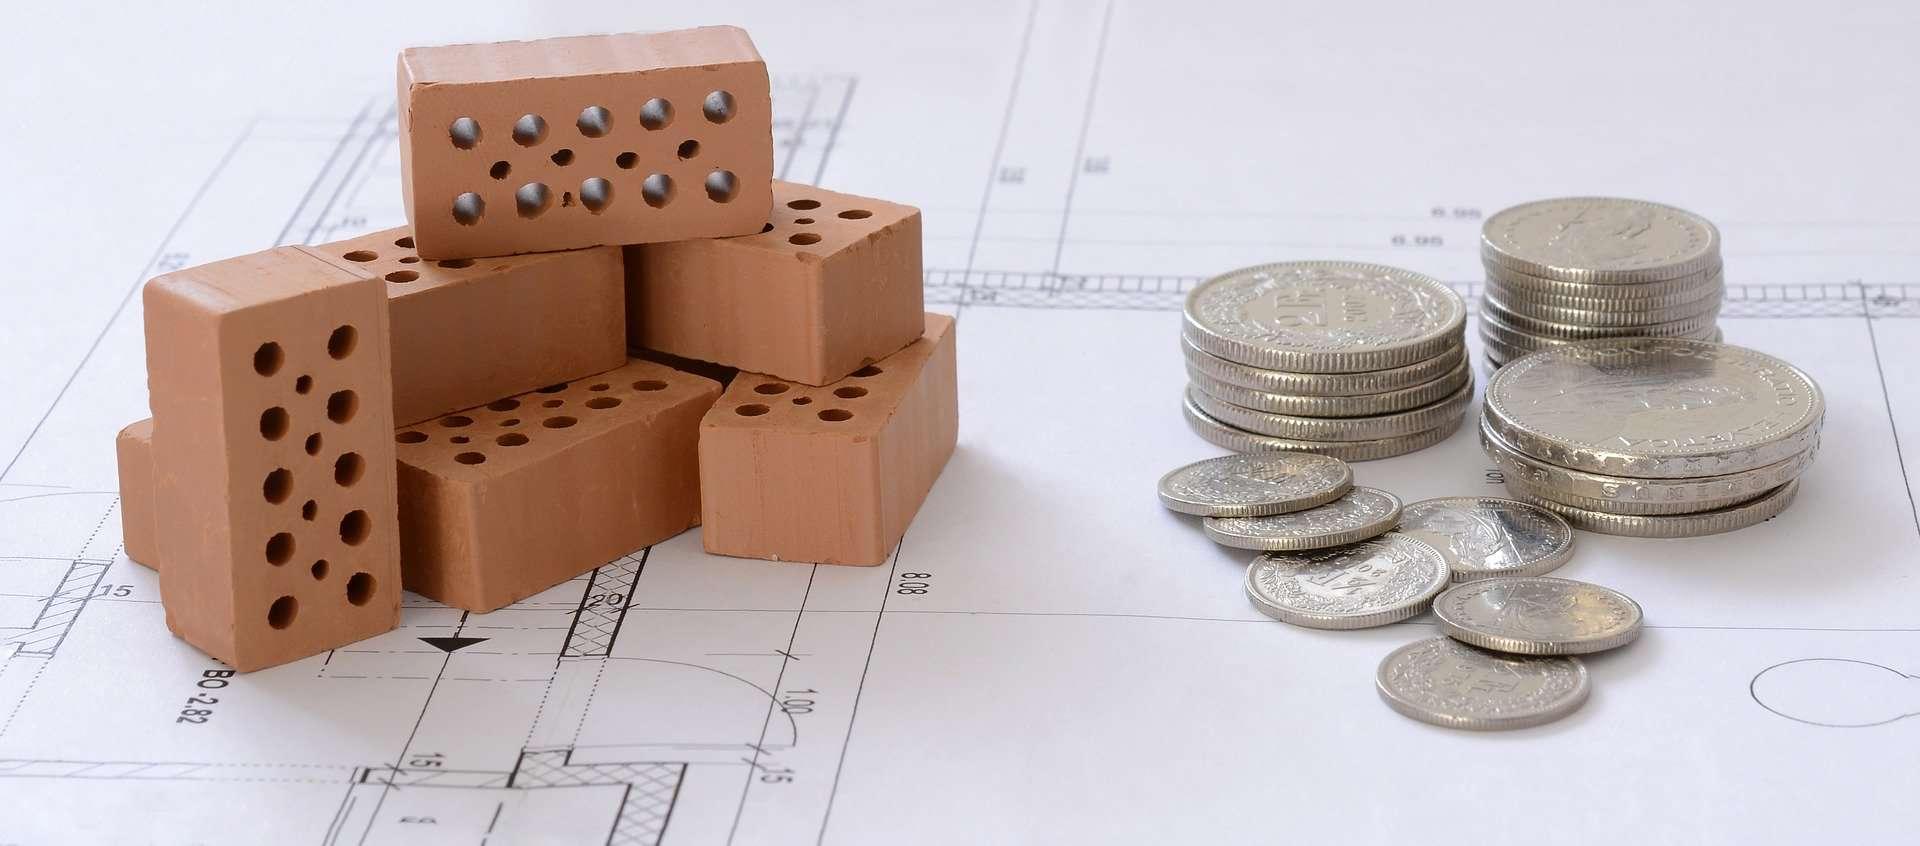 Por que fazer a portabilidade do financiamento imobiliário é uma boa opção? Entenda!(Foto: Pixabay)